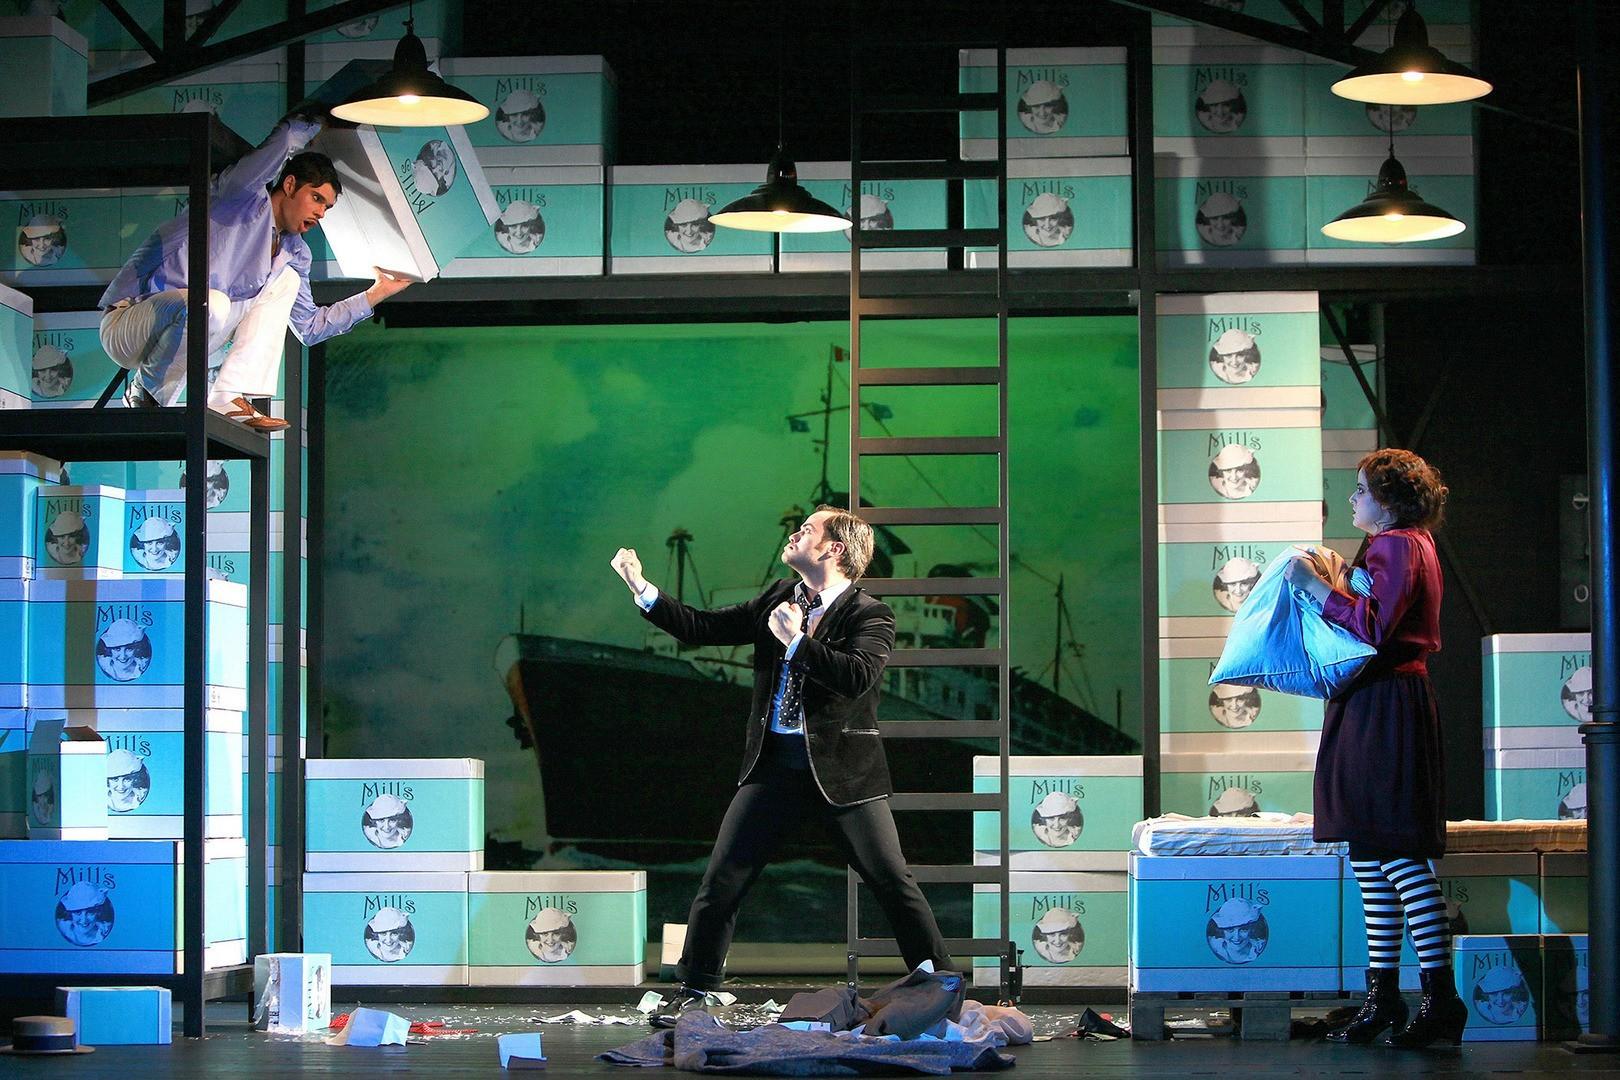 Cambiale-di-matrimonio-Opera-directed-by-Jacopo-Spirei-8